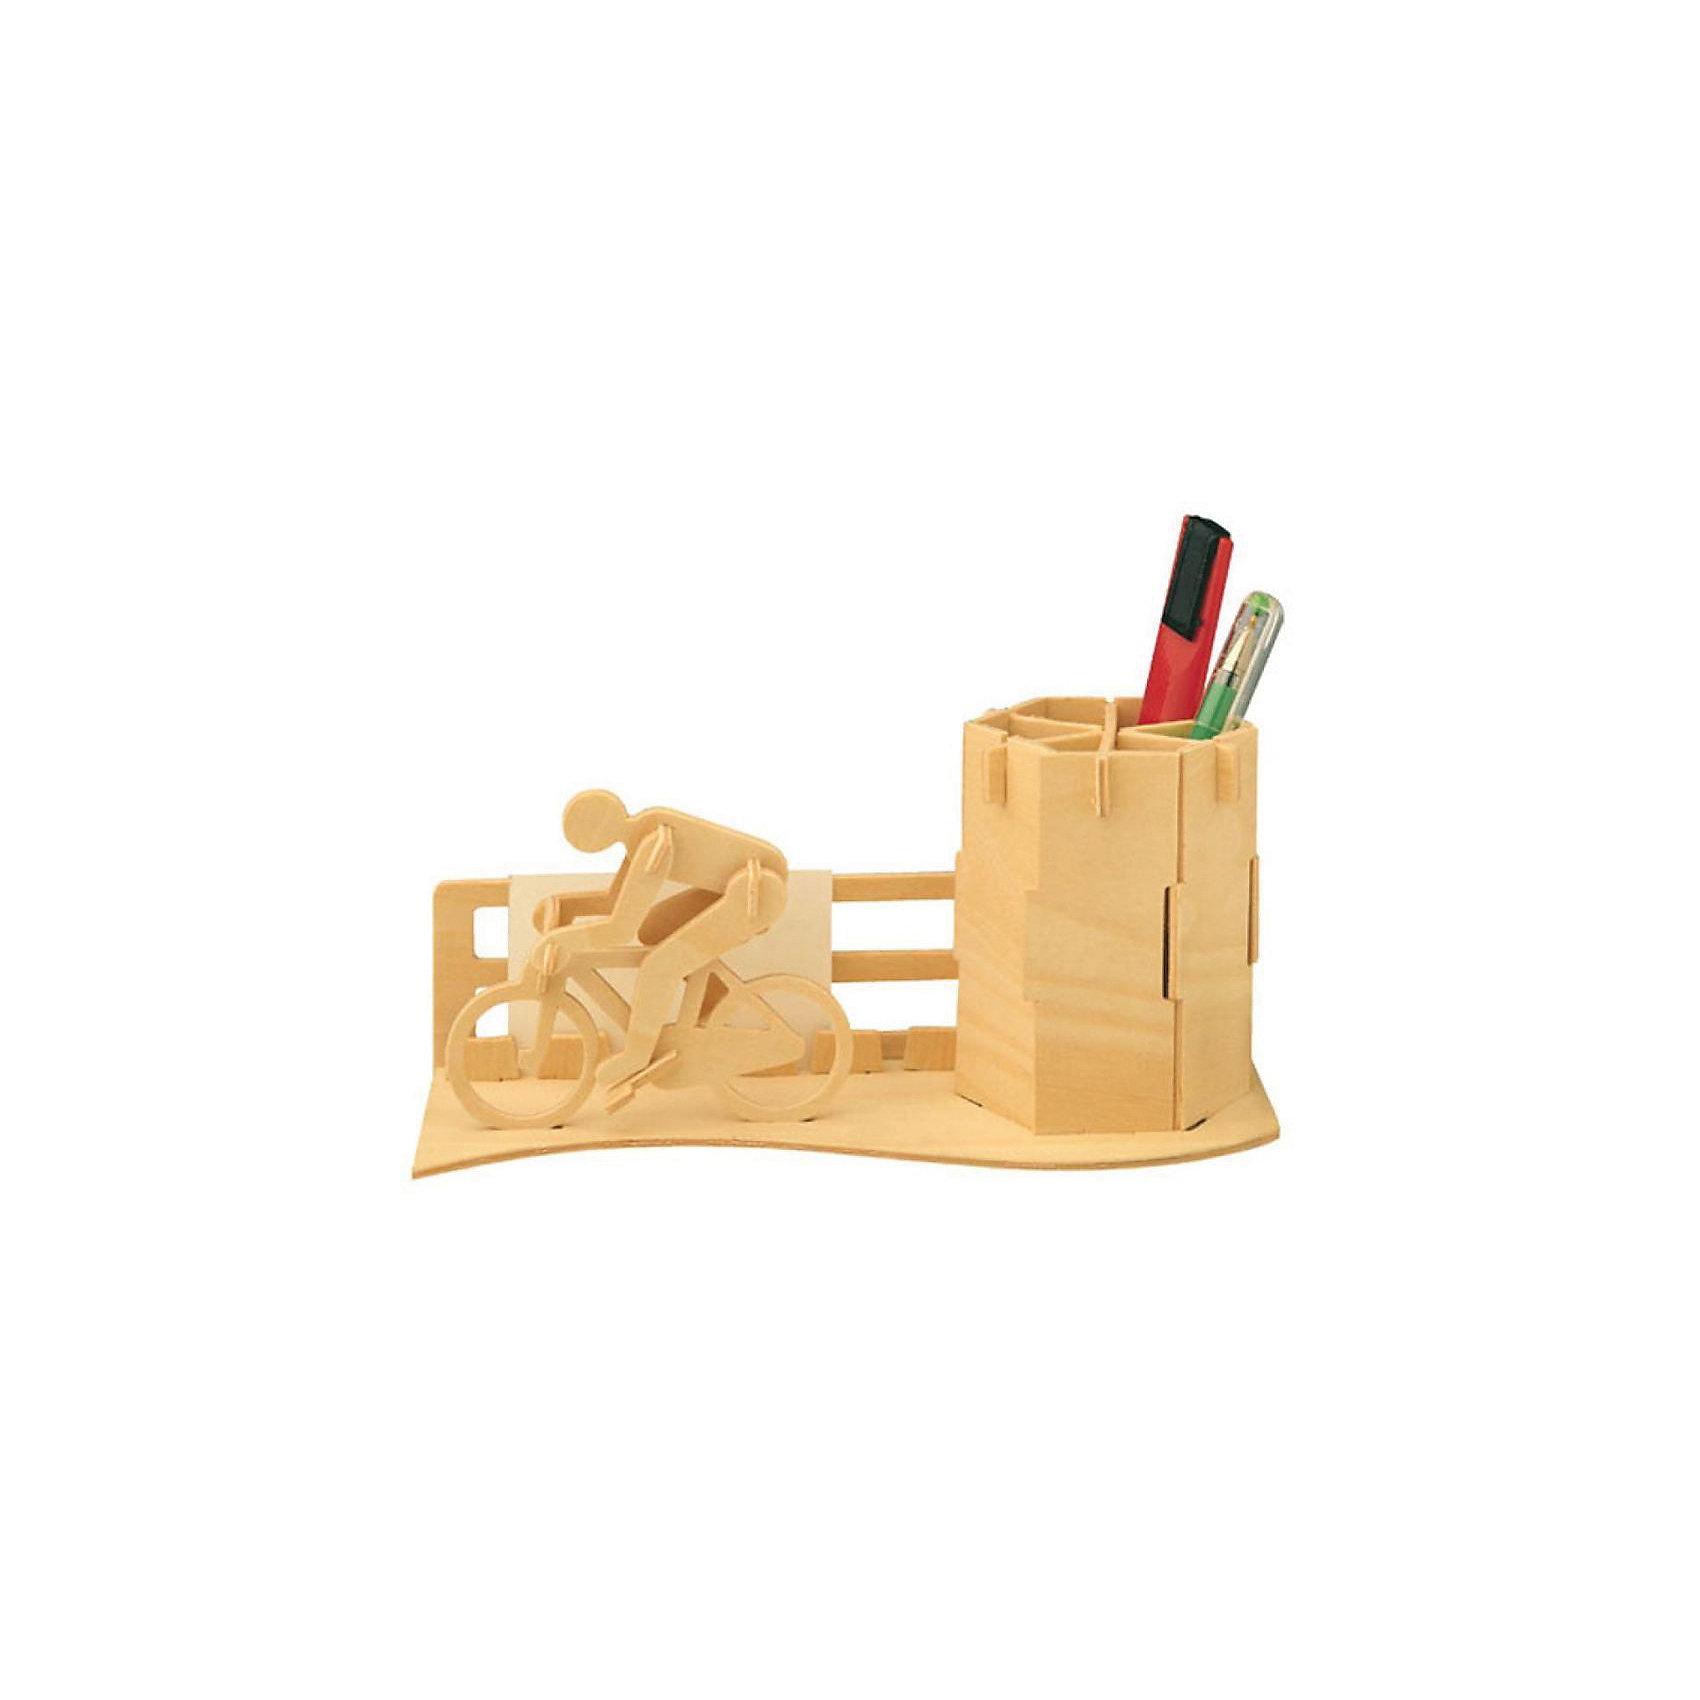 Велосипедист (серия С), Мир деревянных игрушекДеревянные конструкторы<br>Порадовать творческого ребенка или любителя спорта - легко! Закажите для него этот набор, из которого можно самому сделать красивую деревянную фигуру! Для этого нужно выдавить из пластины с деталями элементы для сборки и соединить их. Из наборов получаются красивые очень реалистичные игрушки, которые могут стать украшением комнаты.<br>Собирая их, ребенок будет развивать пространственное мышление, память и мелкую моторику. А раскрашивая готовое произведение, дети научатся подбирать цвета и будут развивать художественные навыки. Этот набор произведен из качественных и безопасных для детей материалов - дерево тщательно обработано.<br><br>Дополнительная информация:<br><br>материал: дерево;<br>цвет: бежевый;<br>элементы: пластины с деталями для сборки, схема сборки;<br>размер упаковки: 23 х 18 см.<br><br>3D-пазл Велосипедист (серия С) от бренда Мир деревянных игрушек можно купить в нашем магазине.<br><br>Ширина мм: 225<br>Глубина мм: 30<br>Высота мм: 180<br>Вес г: 450<br>Возраст от месяцев: 36<br>Возраст до месяцев: 144<br>Пол: Мужской<br>Возраст: Детский<br>SKU: 4969244